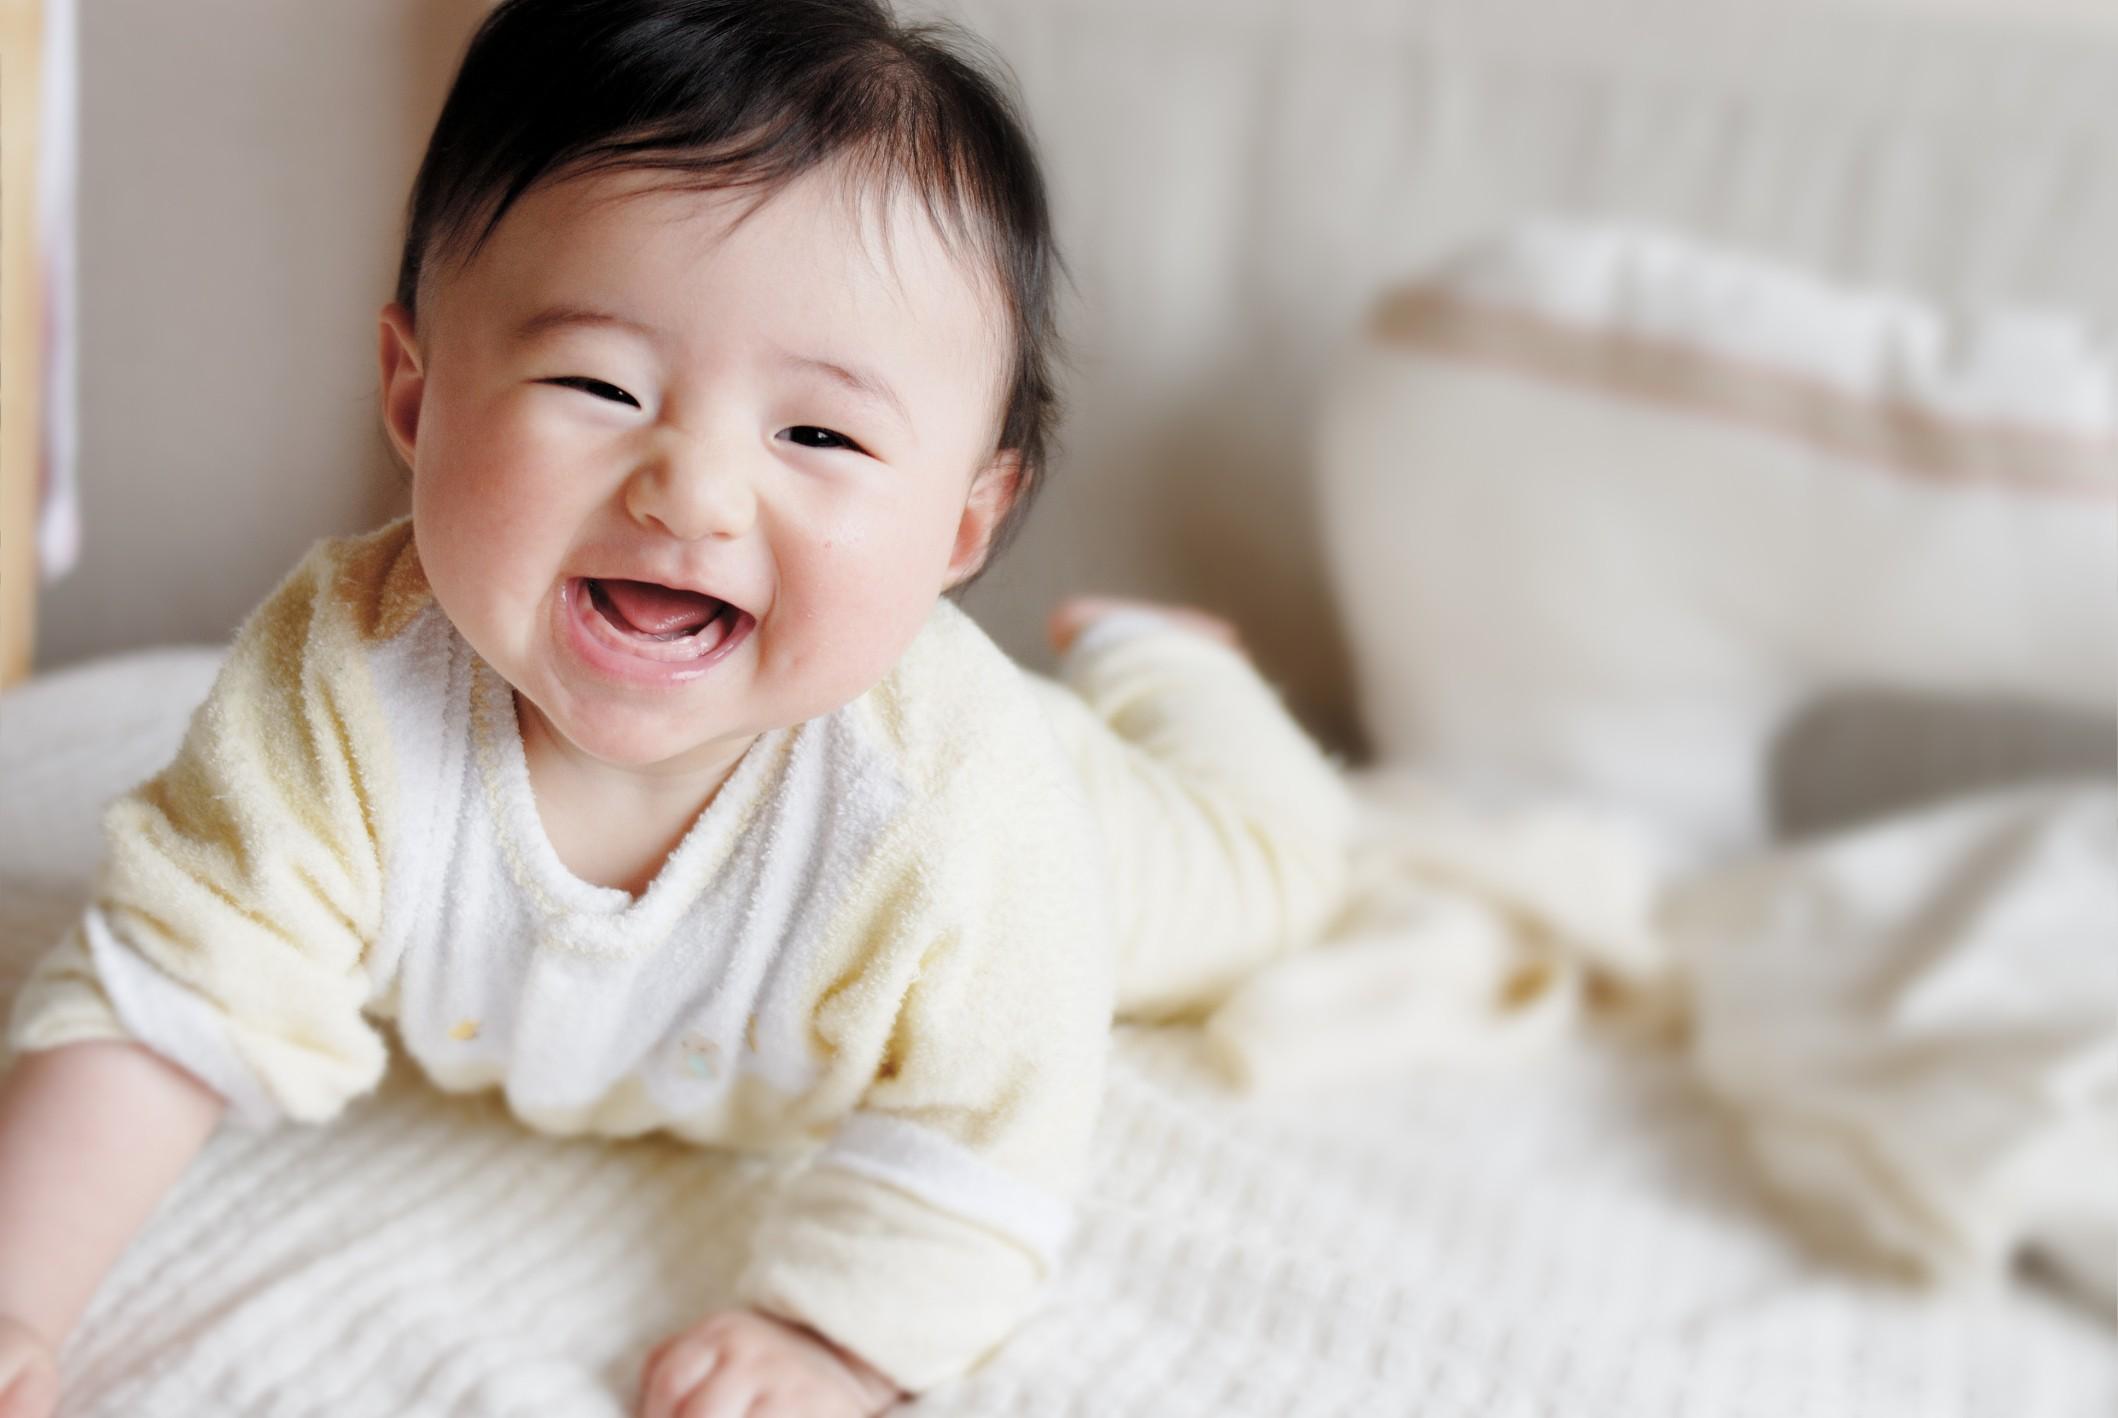 Bebê sorrindo (Foto: Thinkstock)